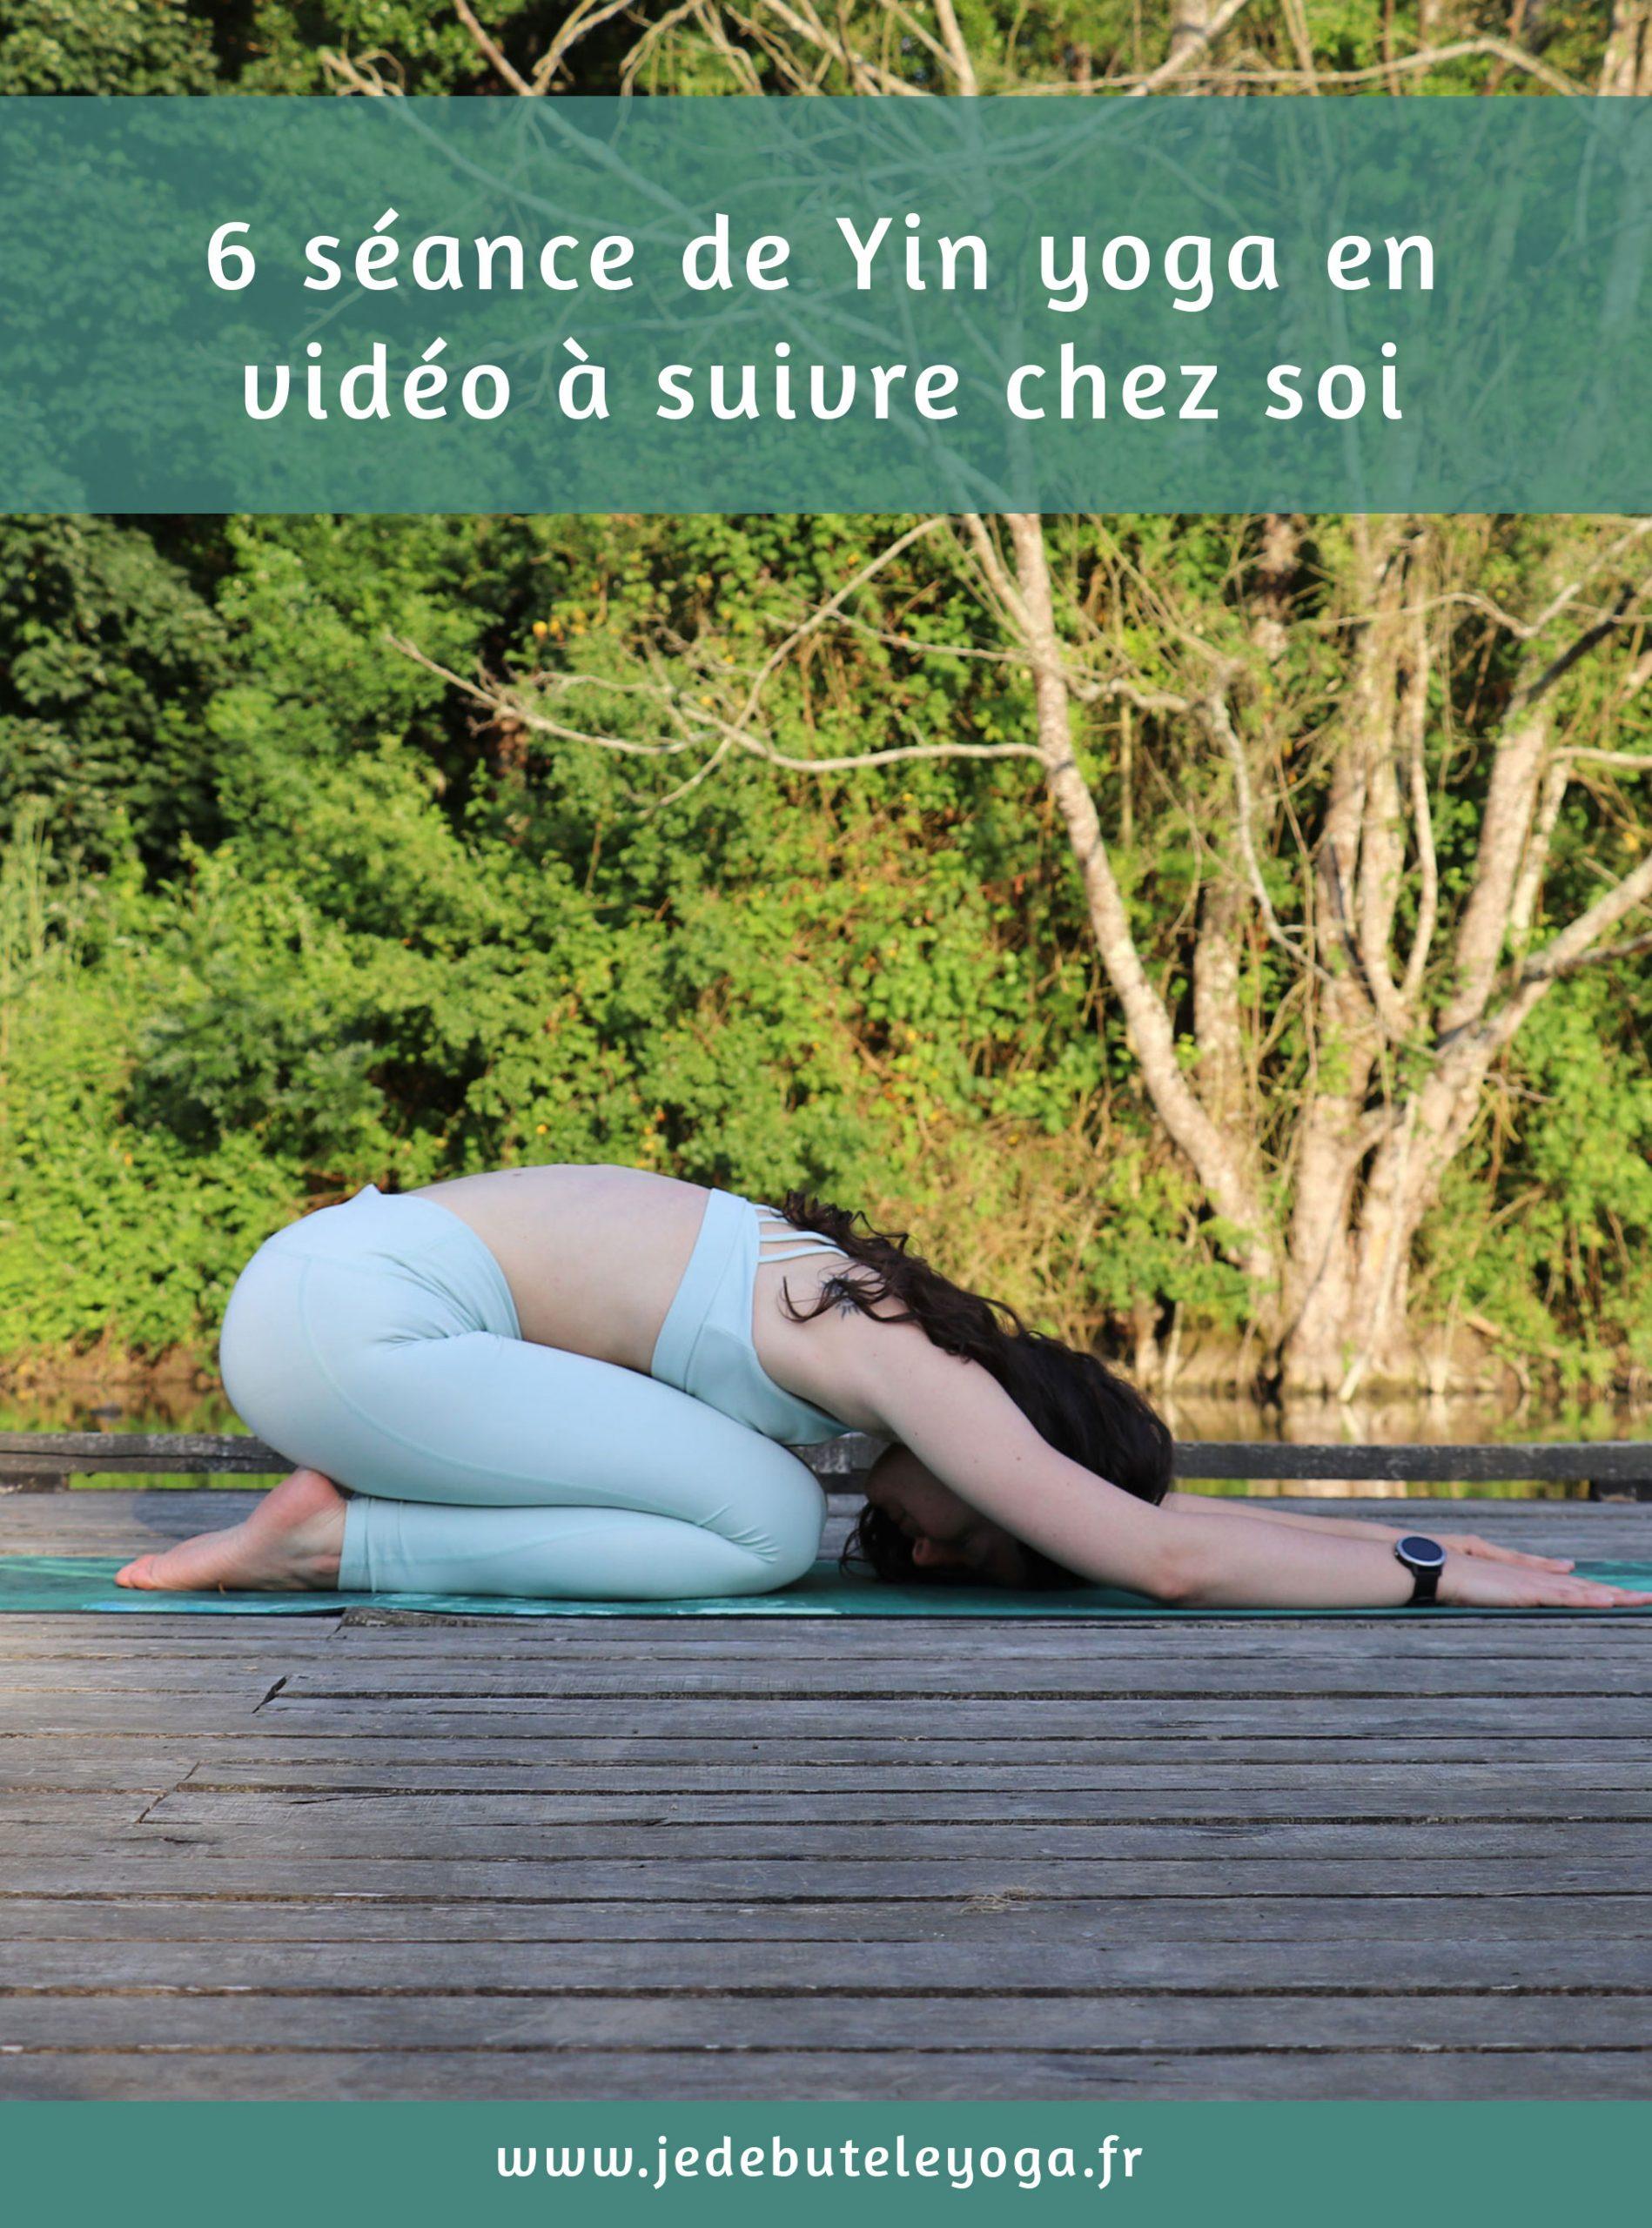 6 séances de yin yoga à suivre